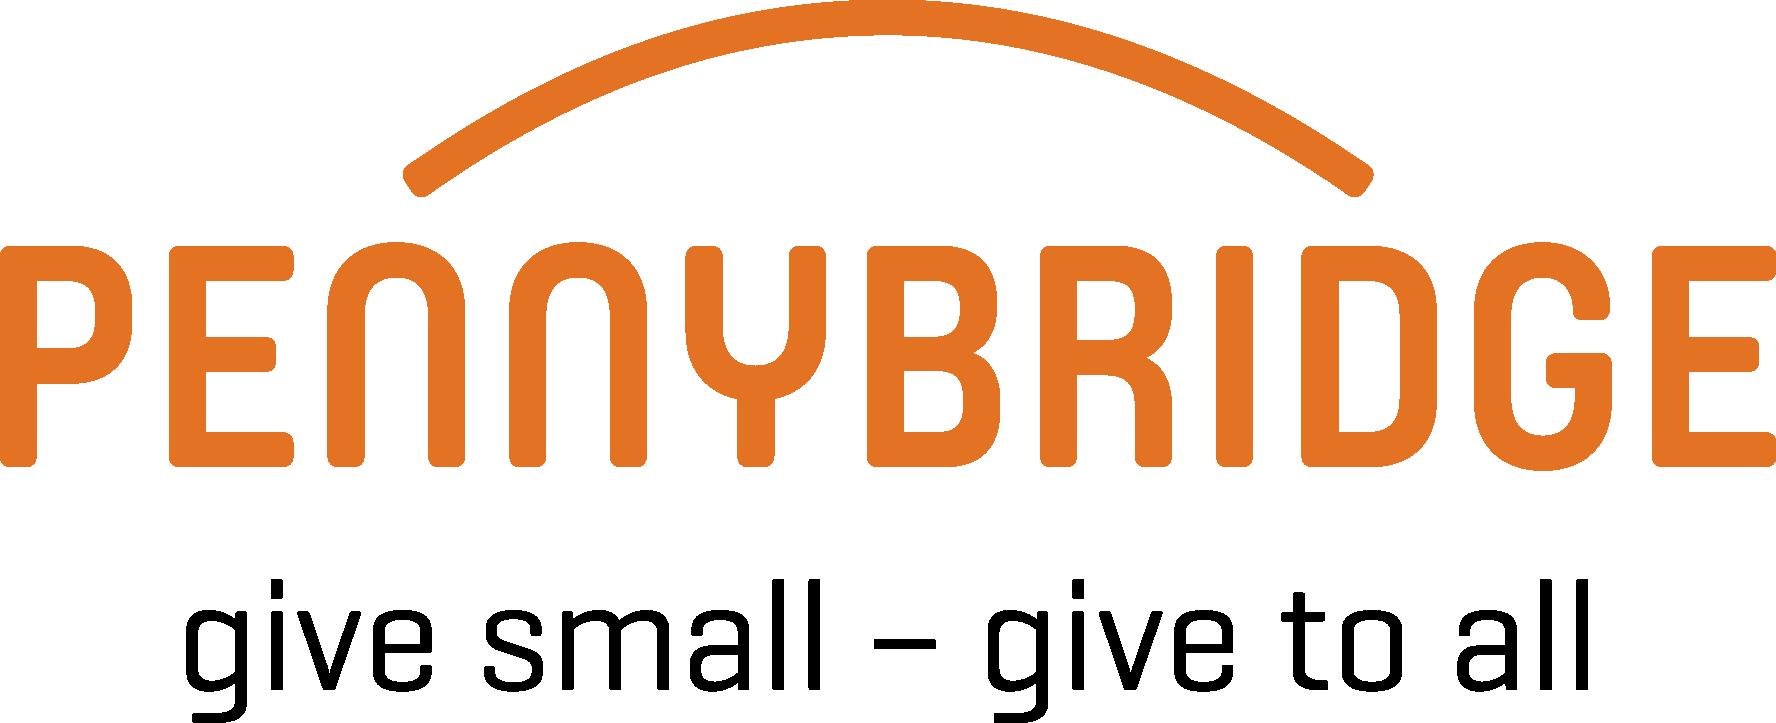 Pennybridge logotyp